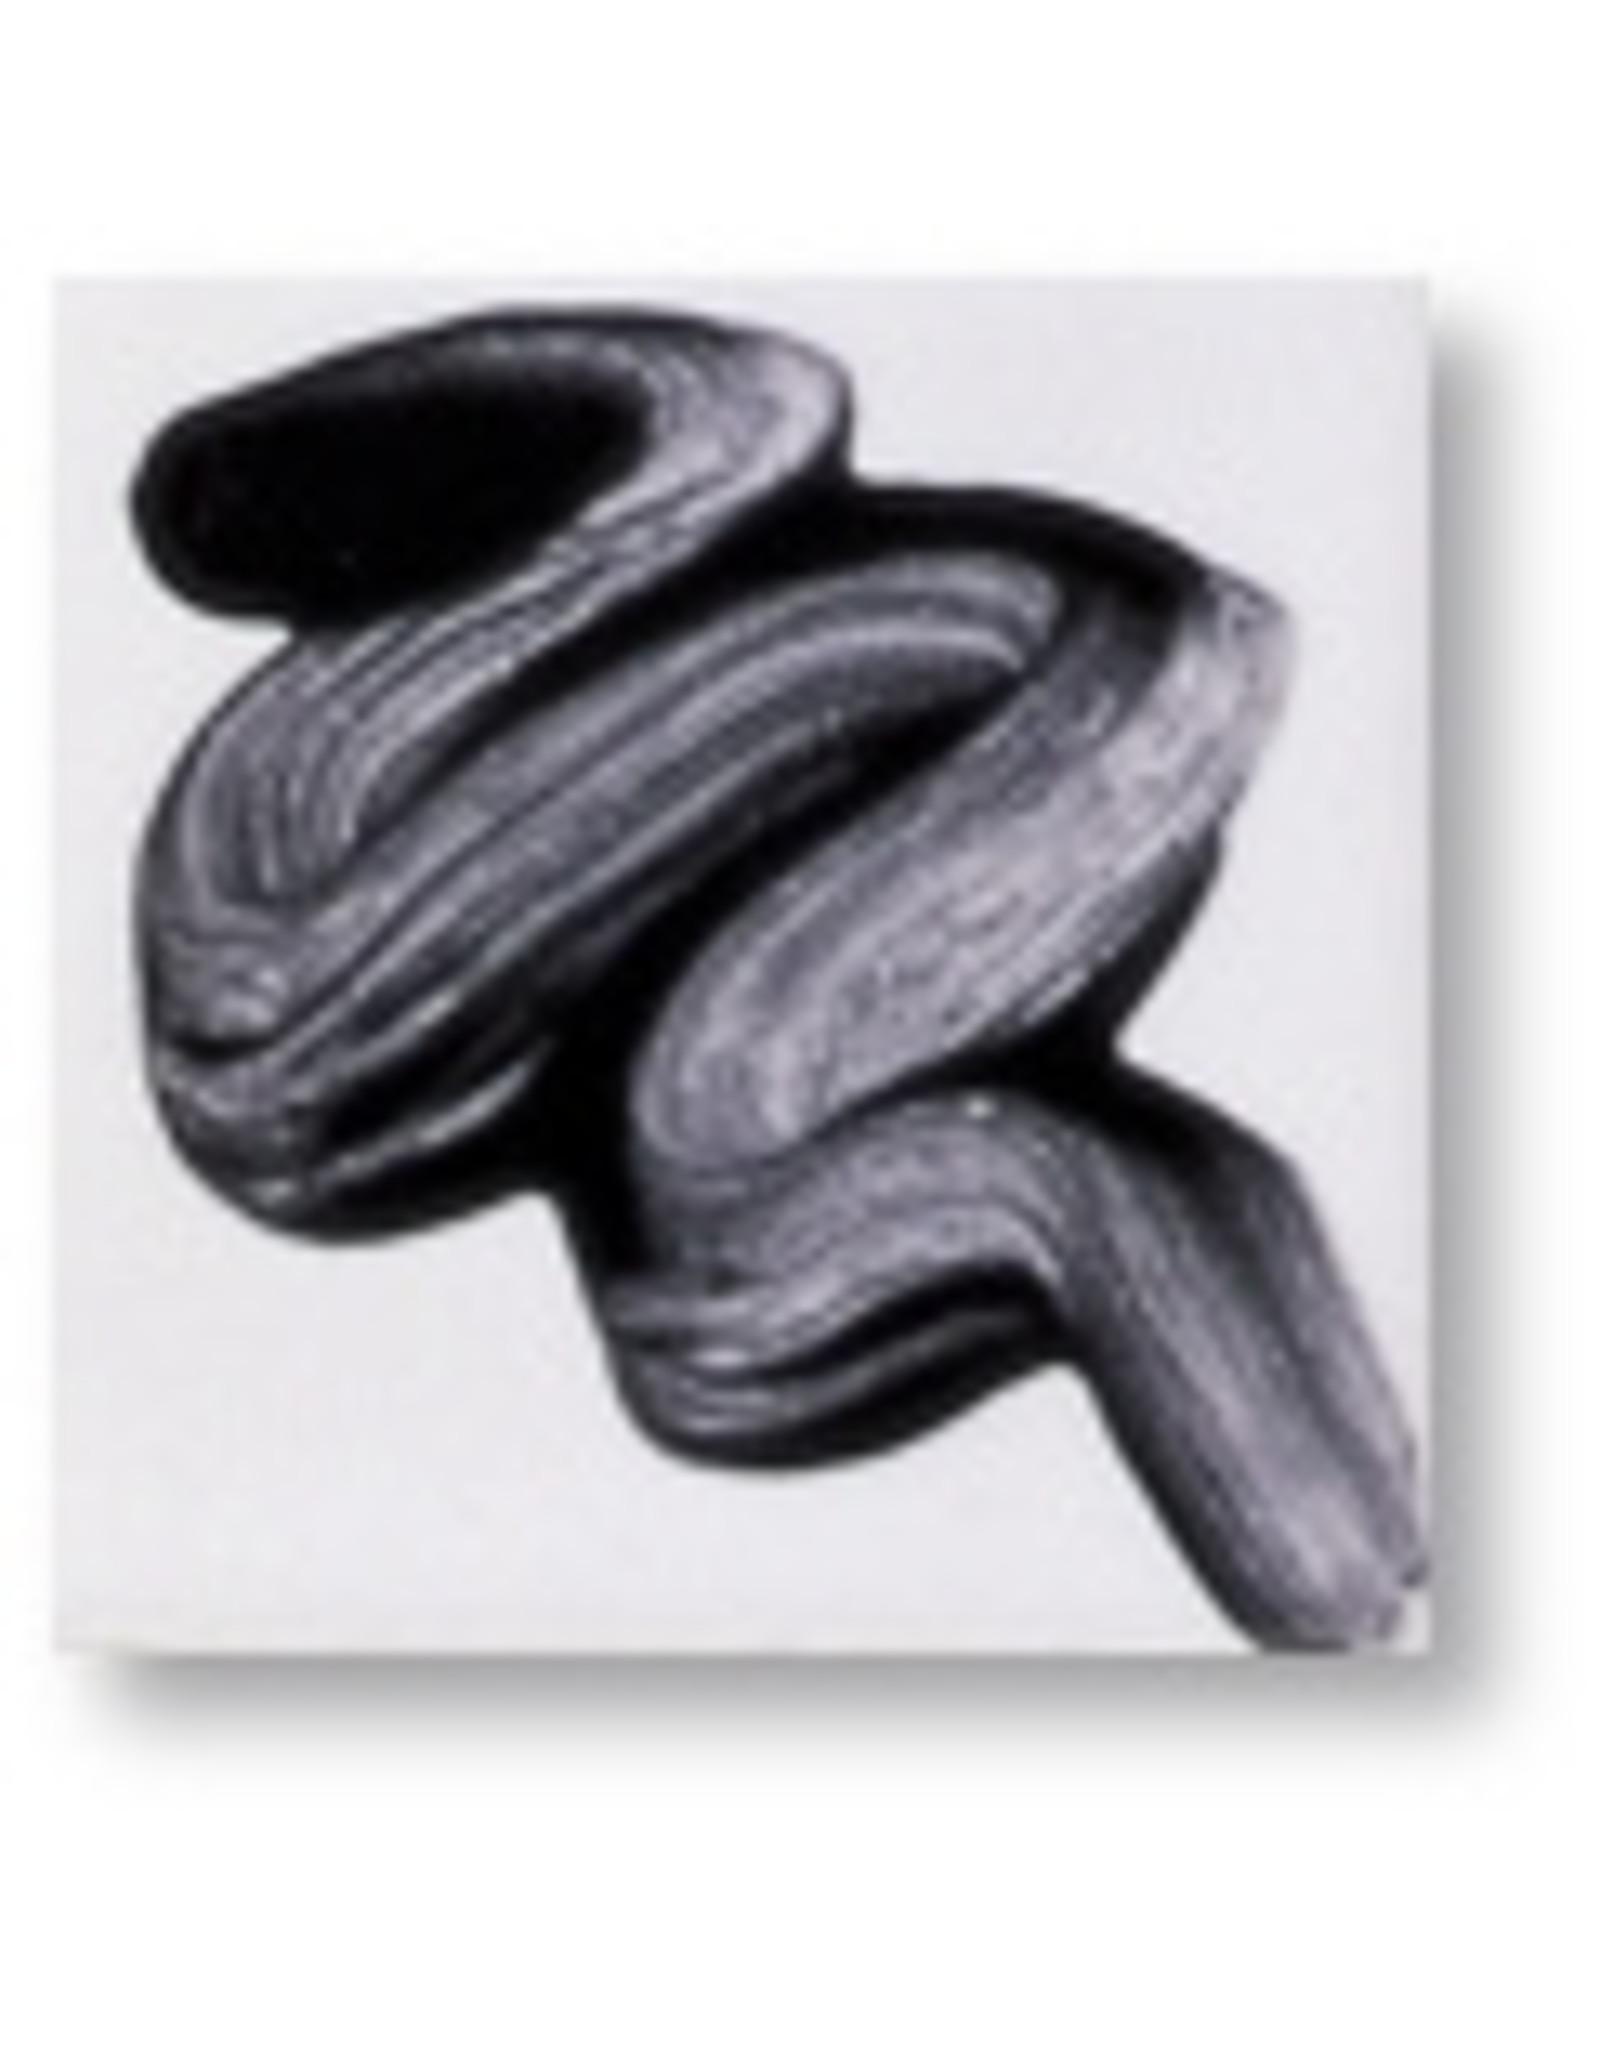 Botz Unidekor Black 30ml